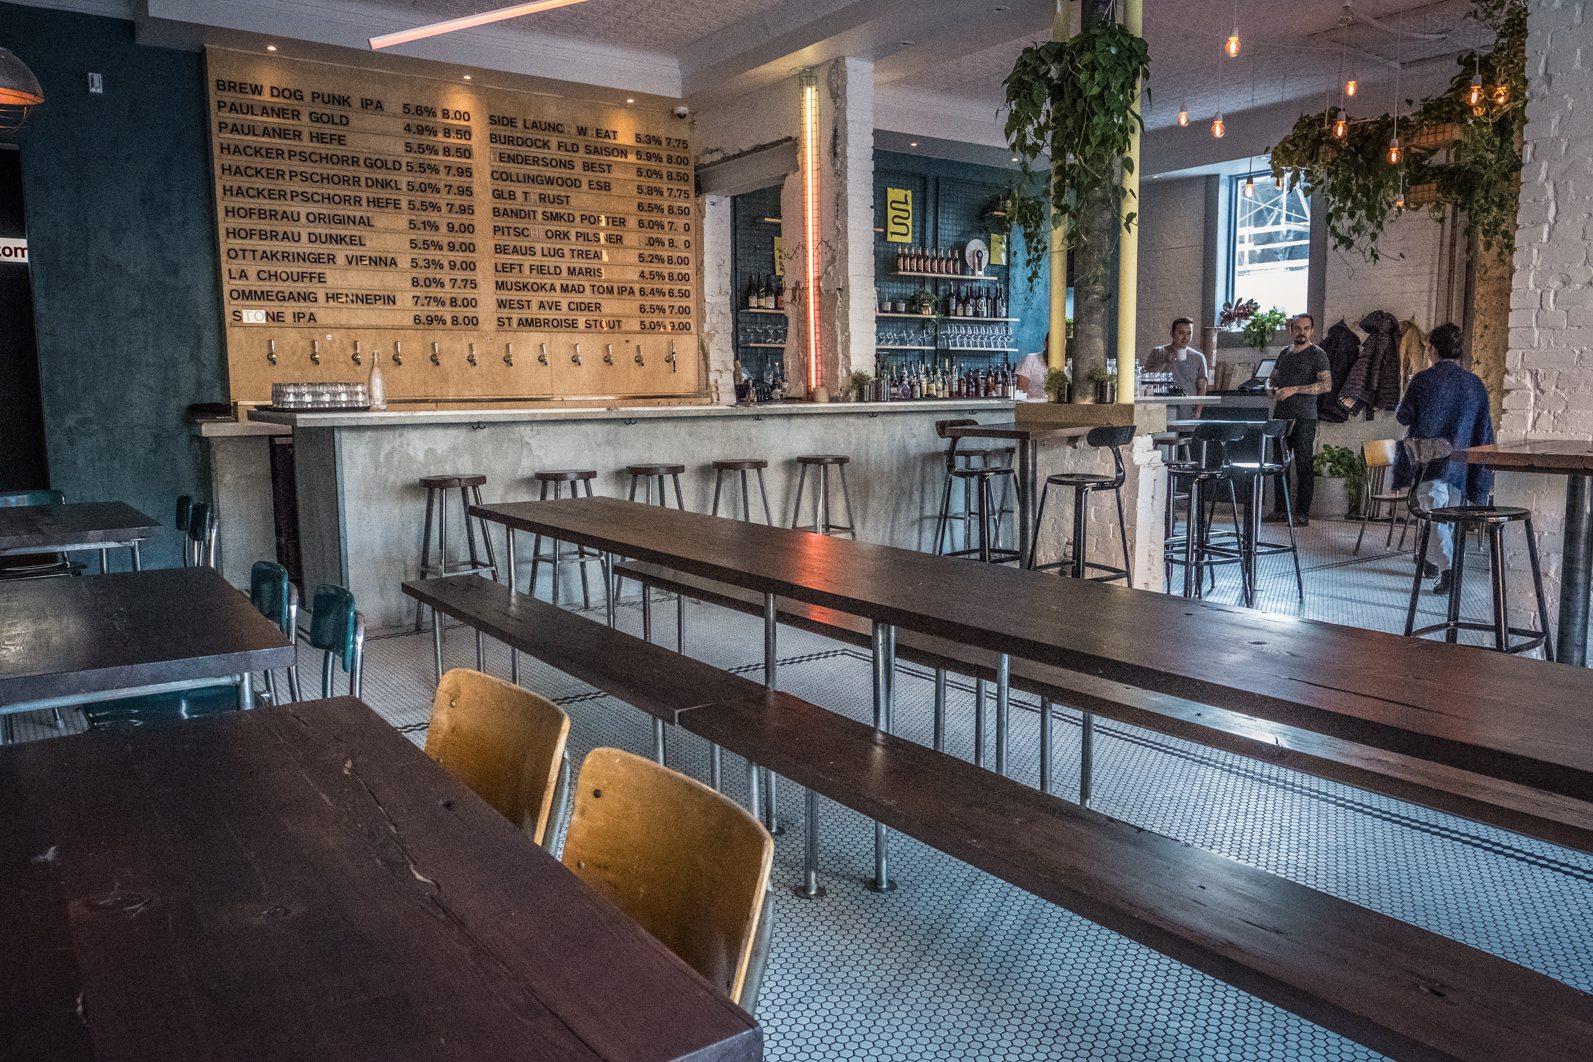 toronto-restaurants-bars-ottos-bierhalle-german-beer-queen-west-interior-2